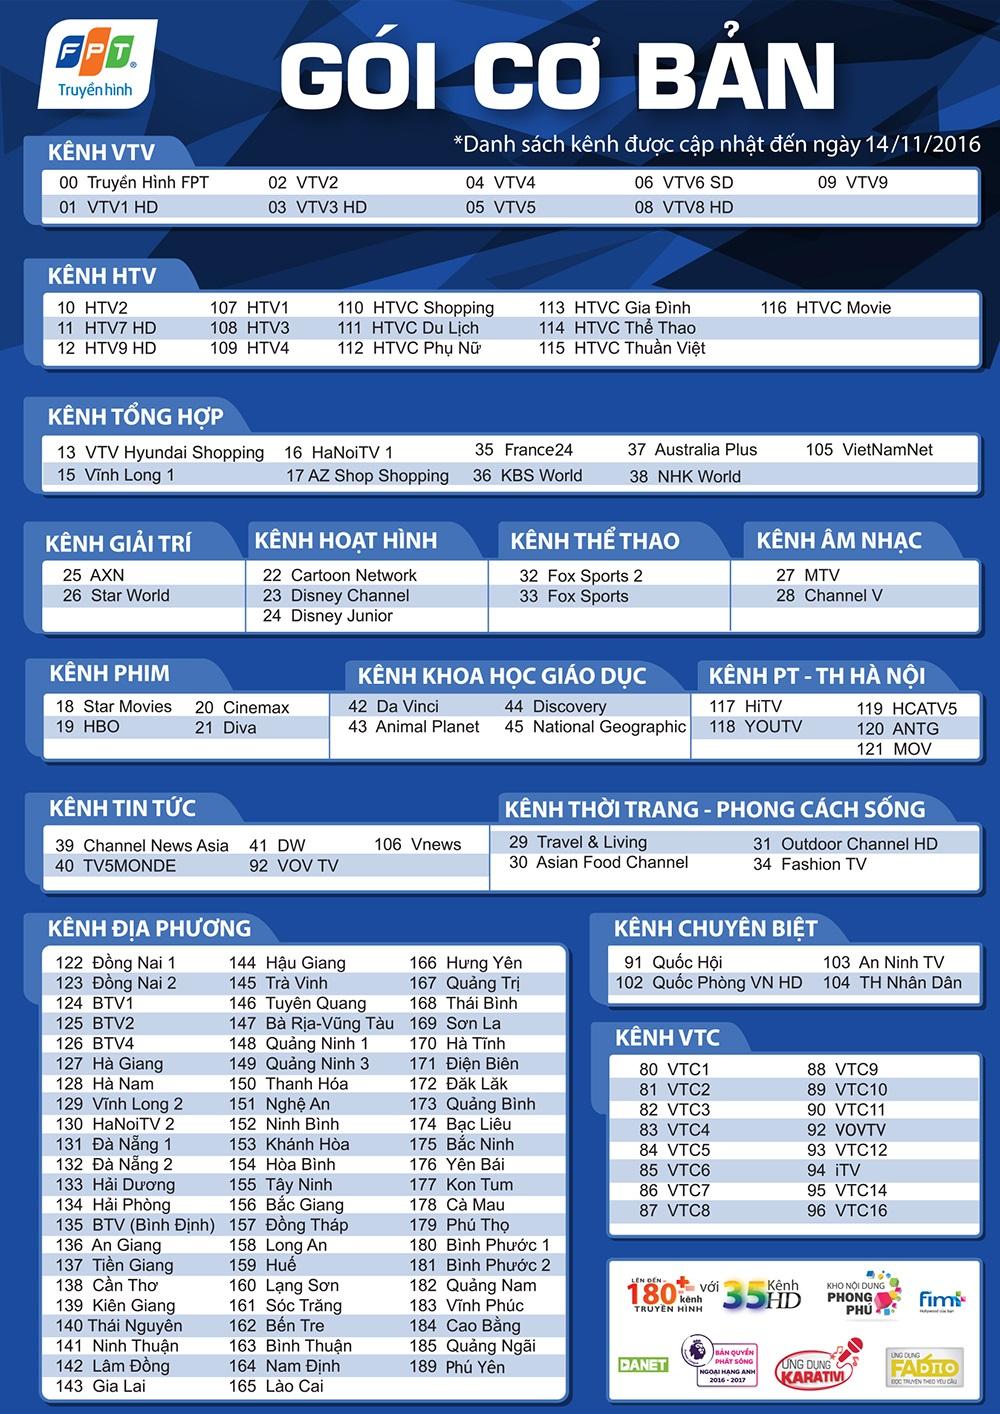 Danh sách các kênh gói truyền hình cơ bản FPT